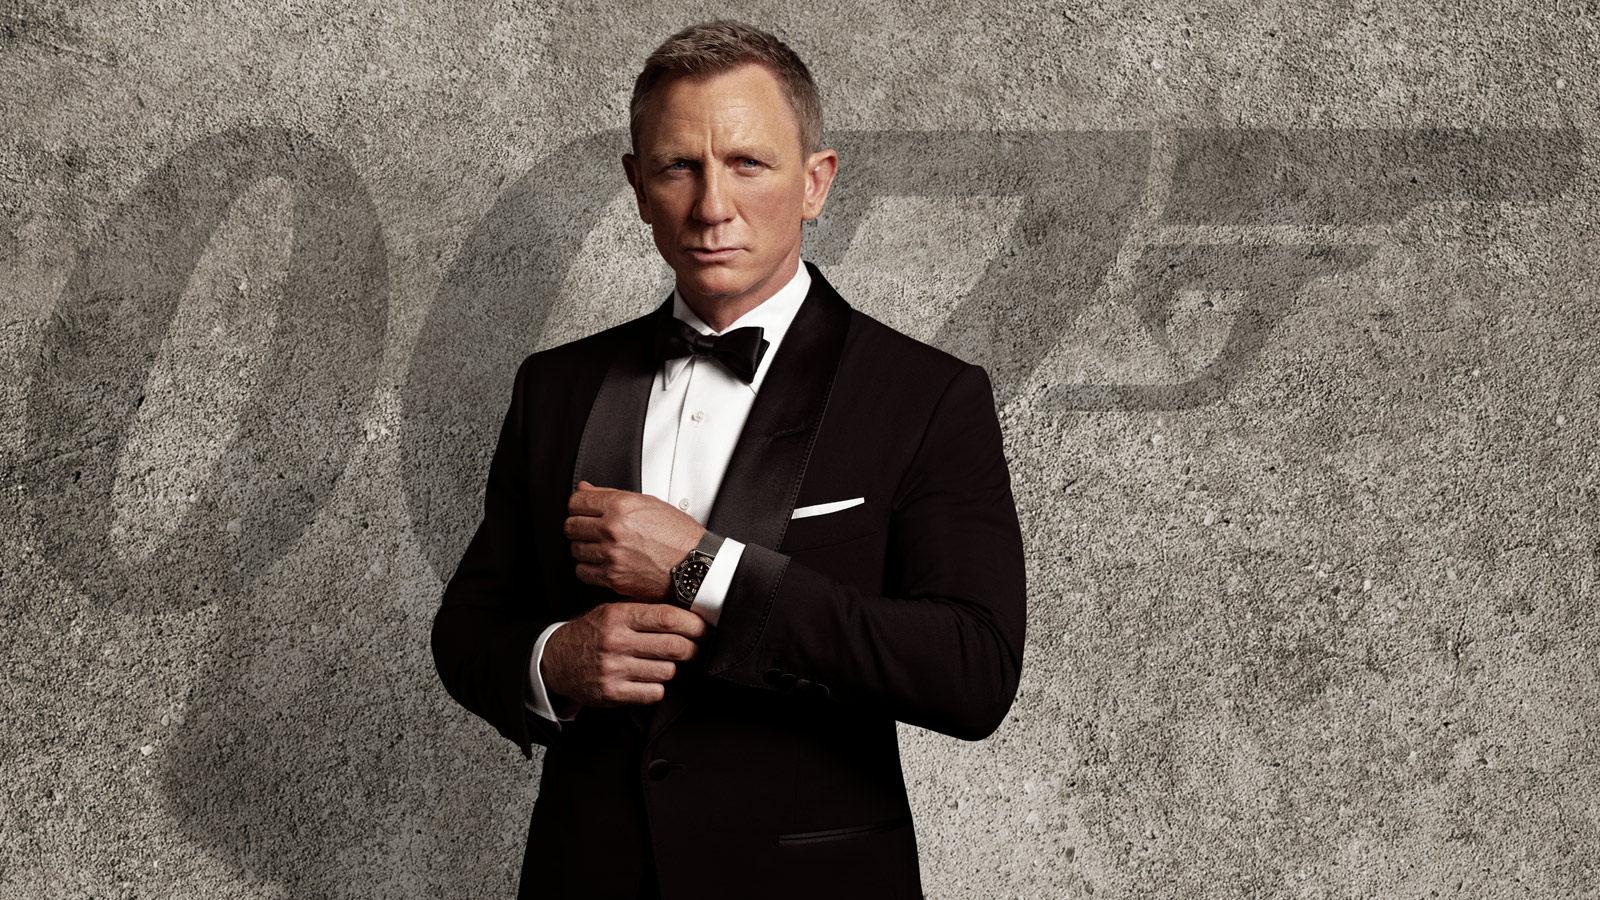 第25部詹姆斯·邦德电影《007:无暇赴死》或将再度延期